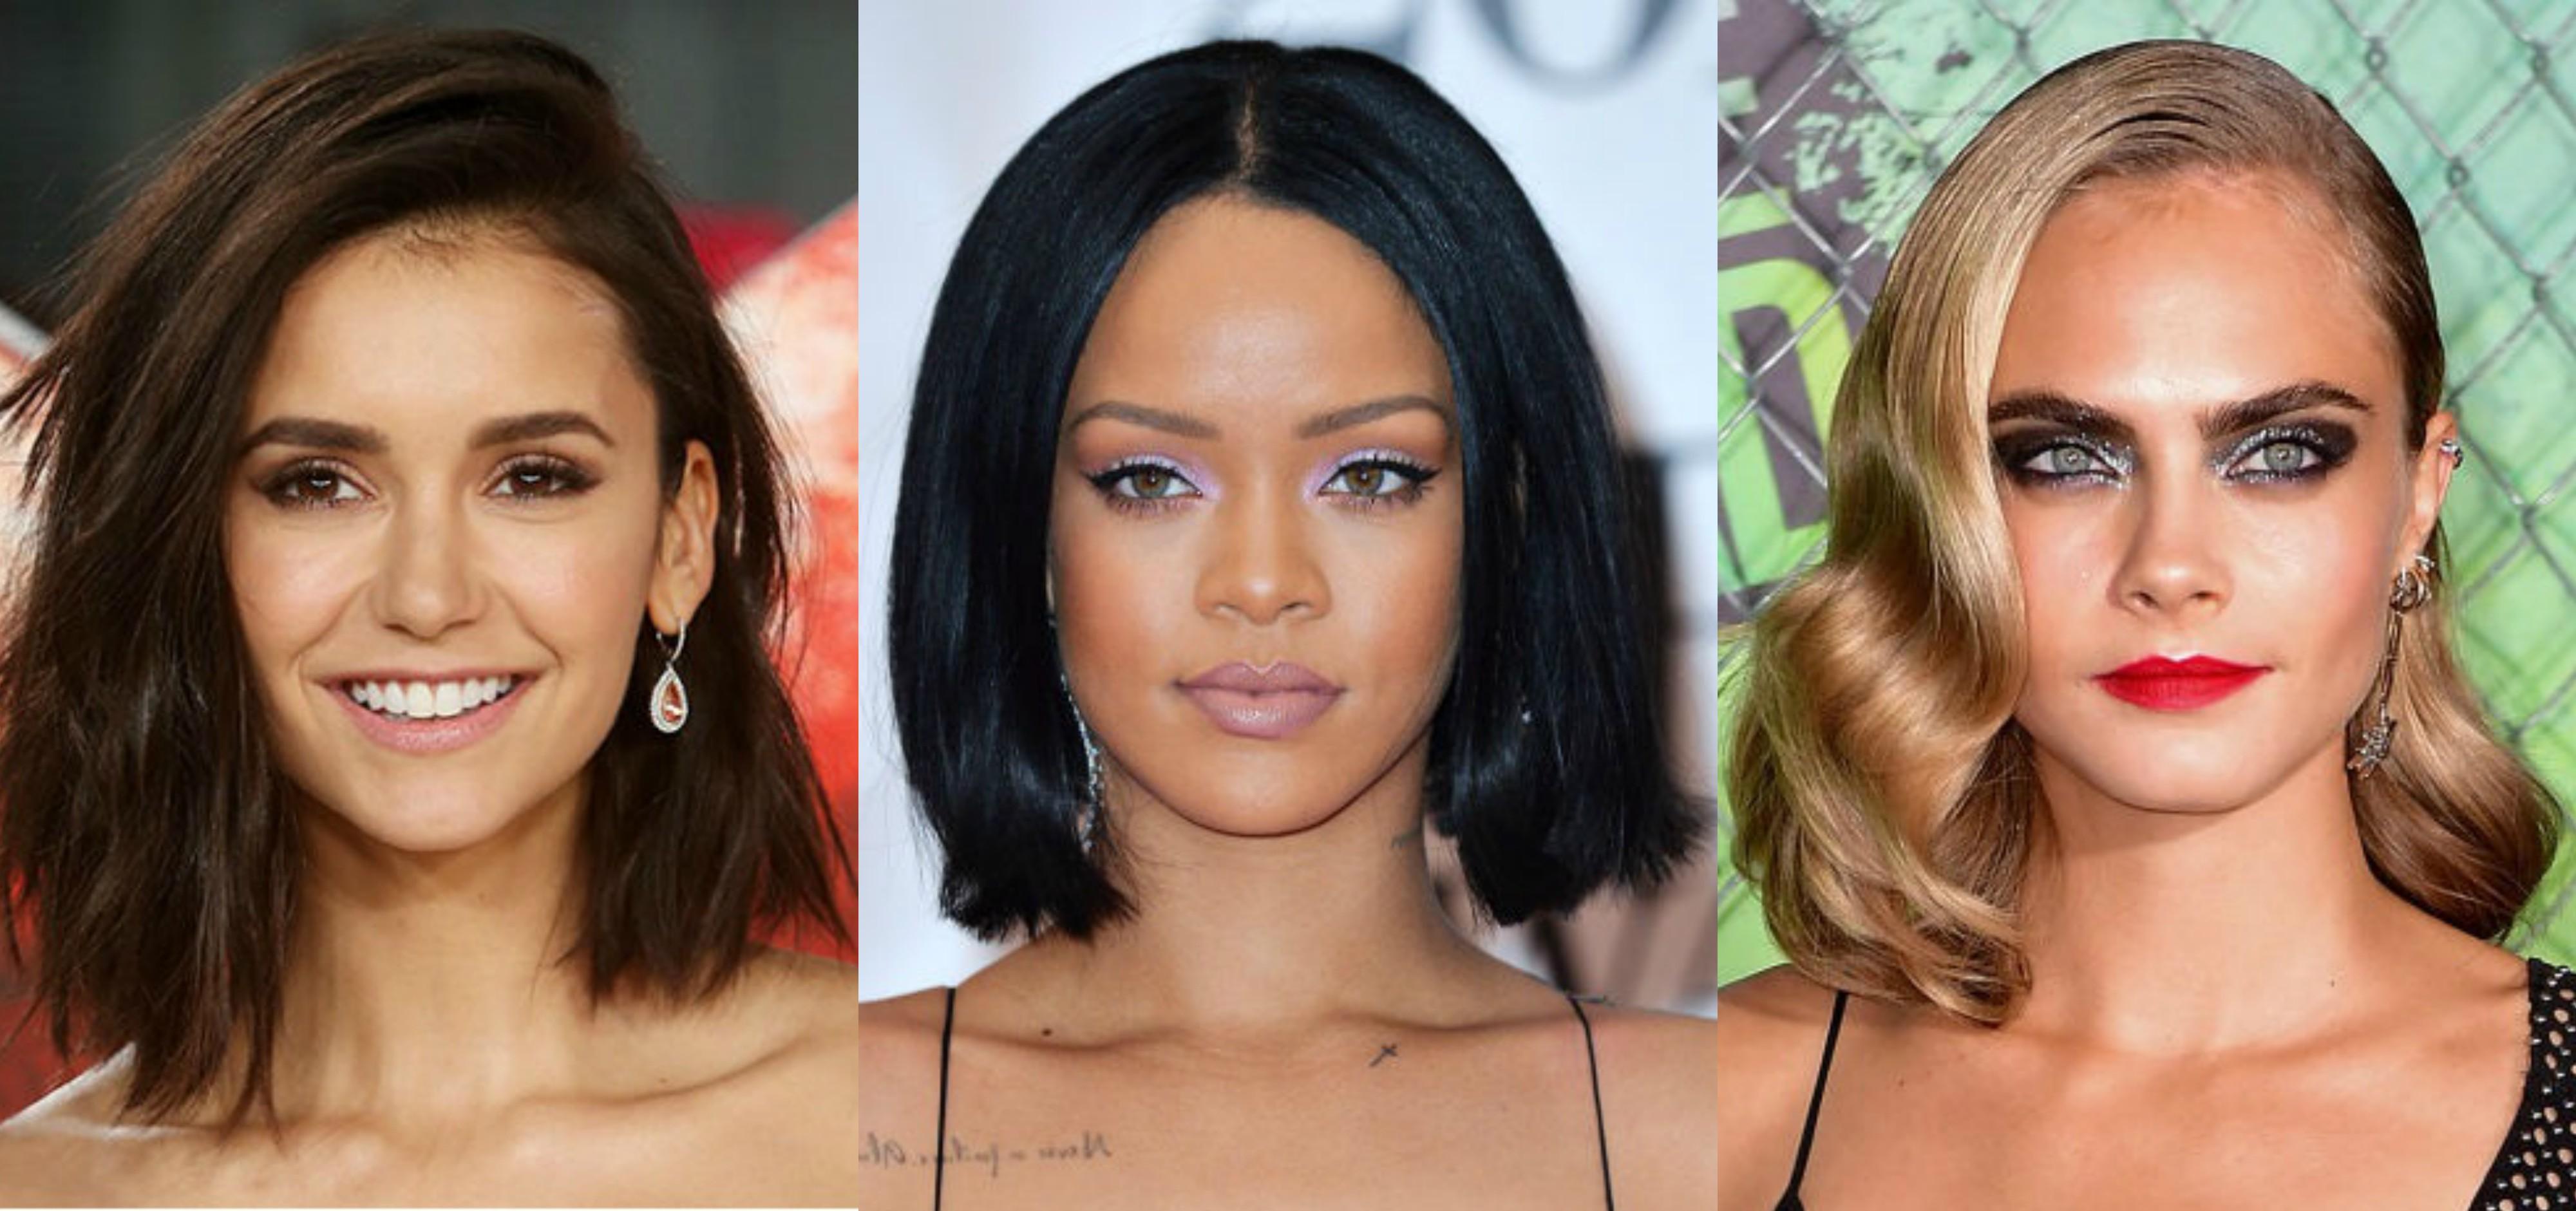 Újítanál és új frizurán gondolkozol? Mi azt mondjuk vágj bele és válassz egy trendi rövid hajat! Most frizura képekkel segítünk eligazodni a hajformák rengetegében és megtalálni a leginkább hozzád illőt!